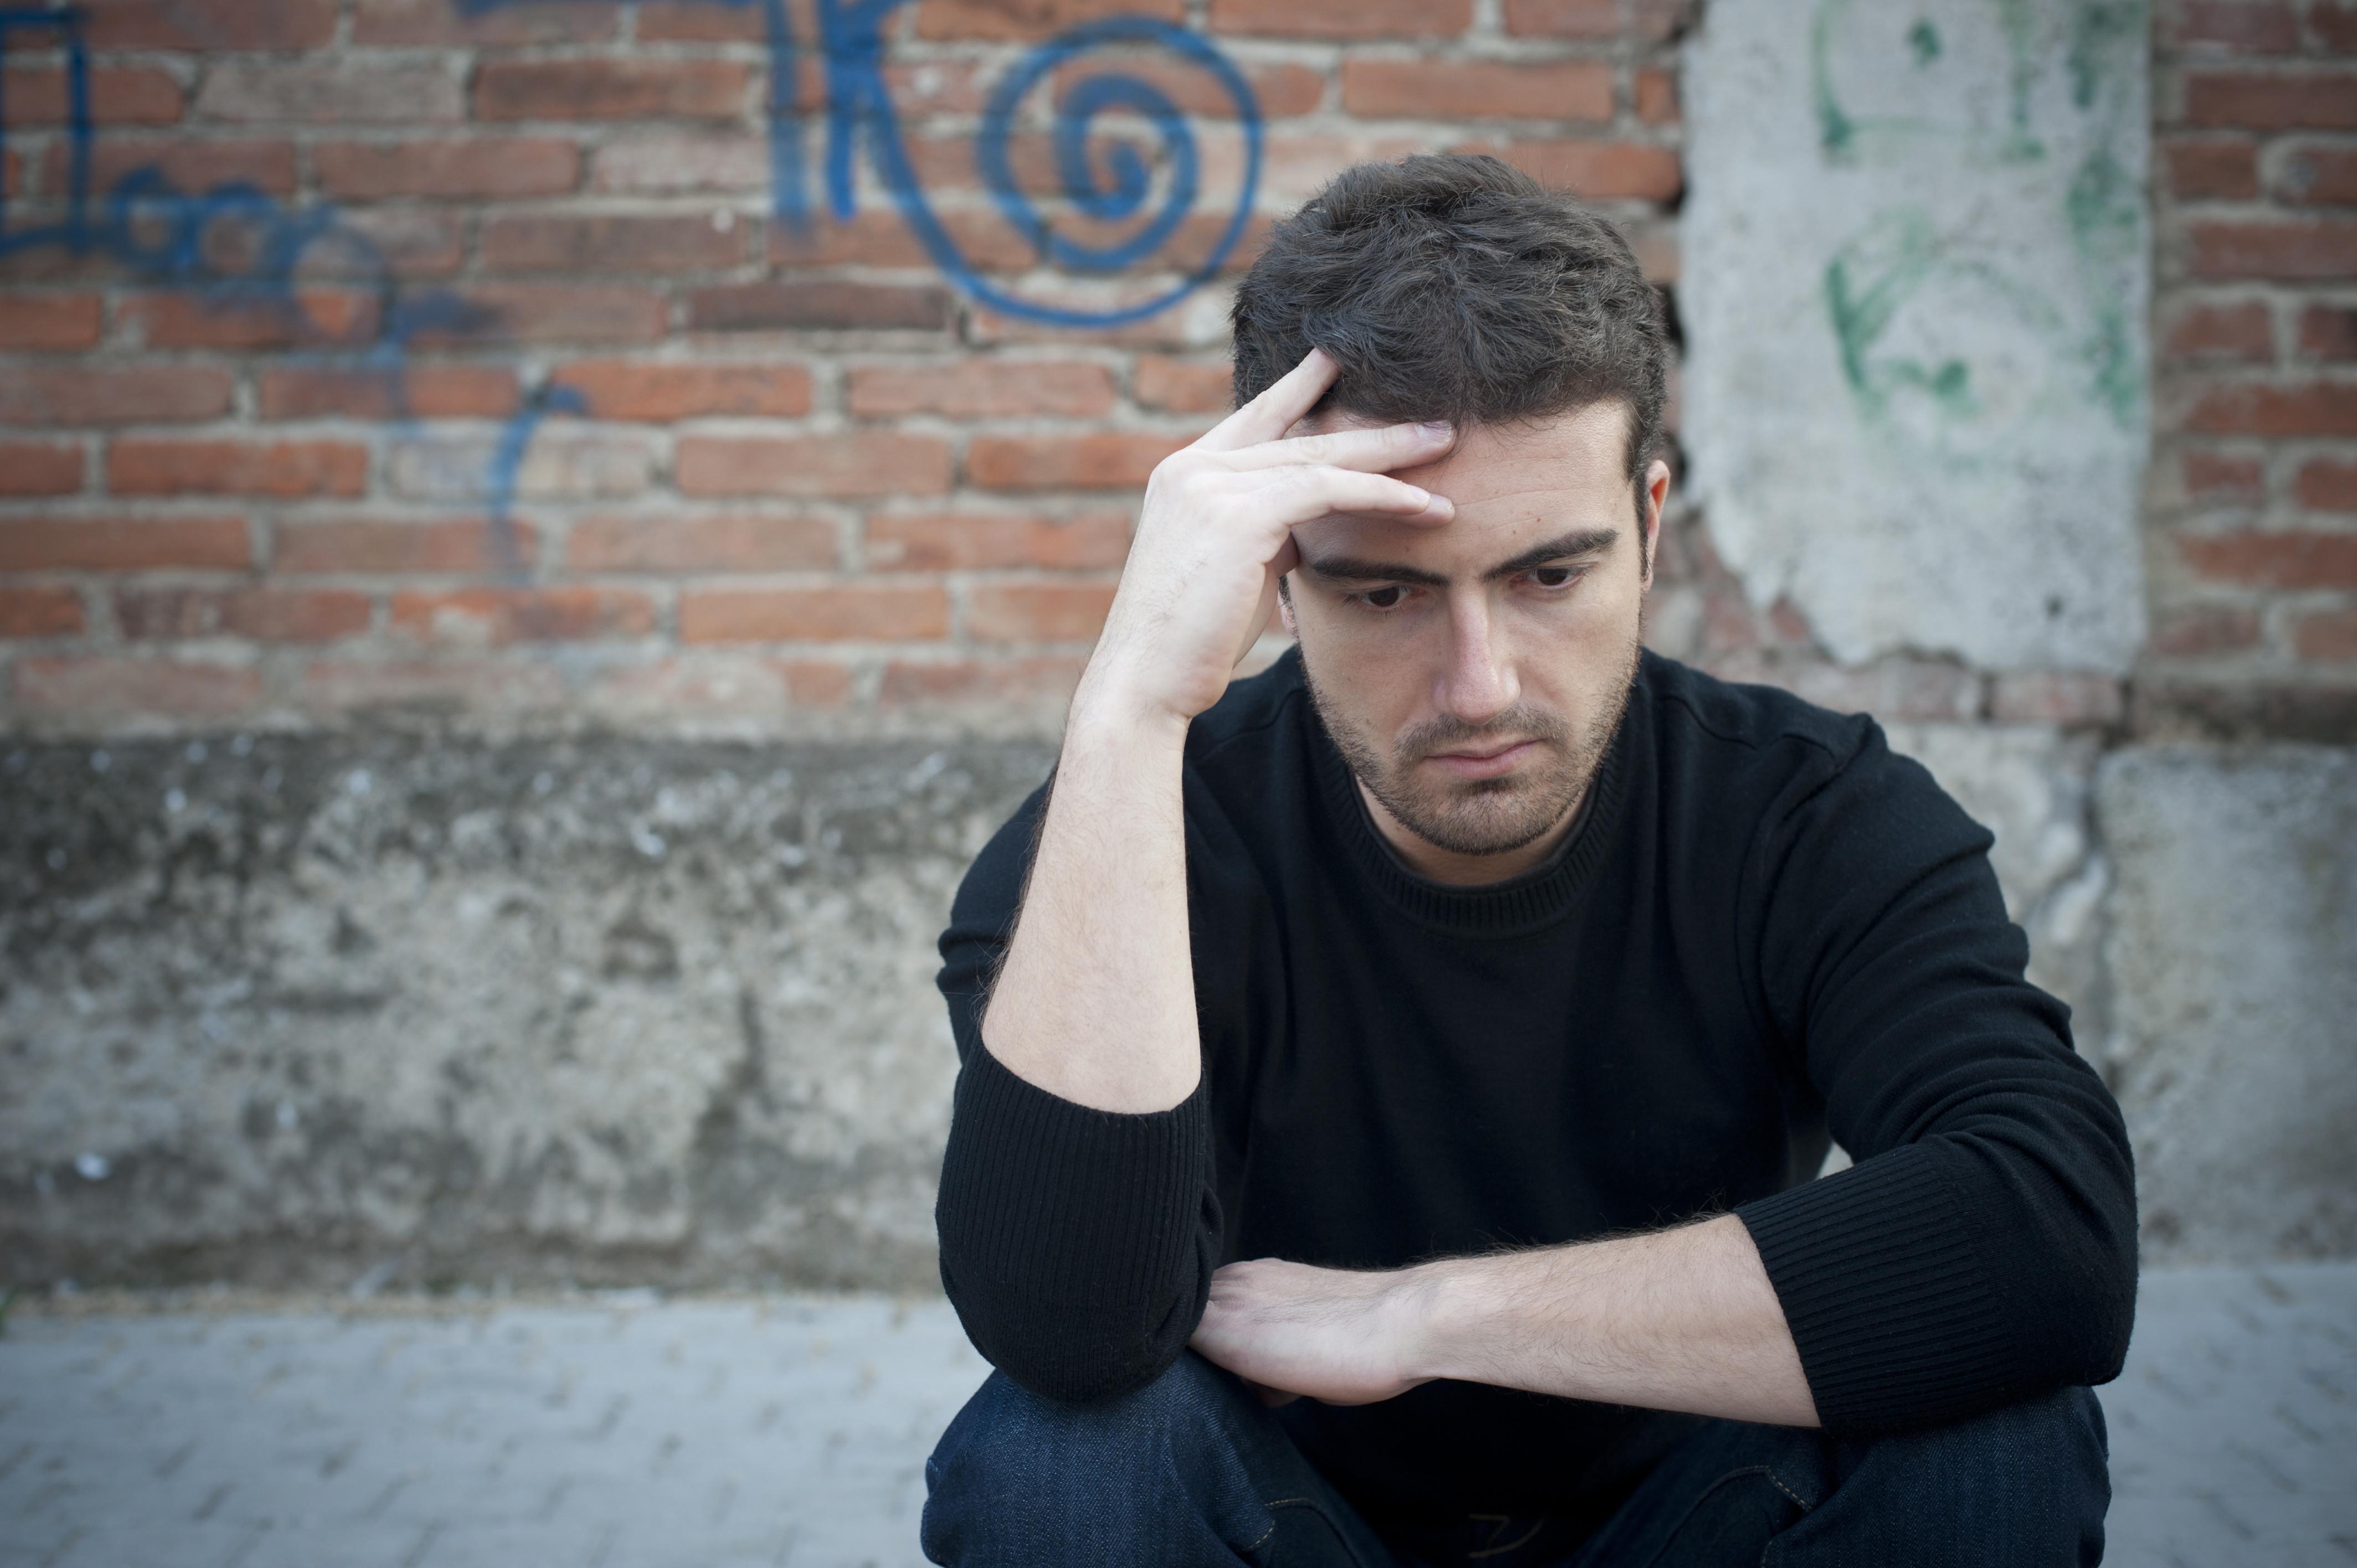 portrait of a sad man in a urban street